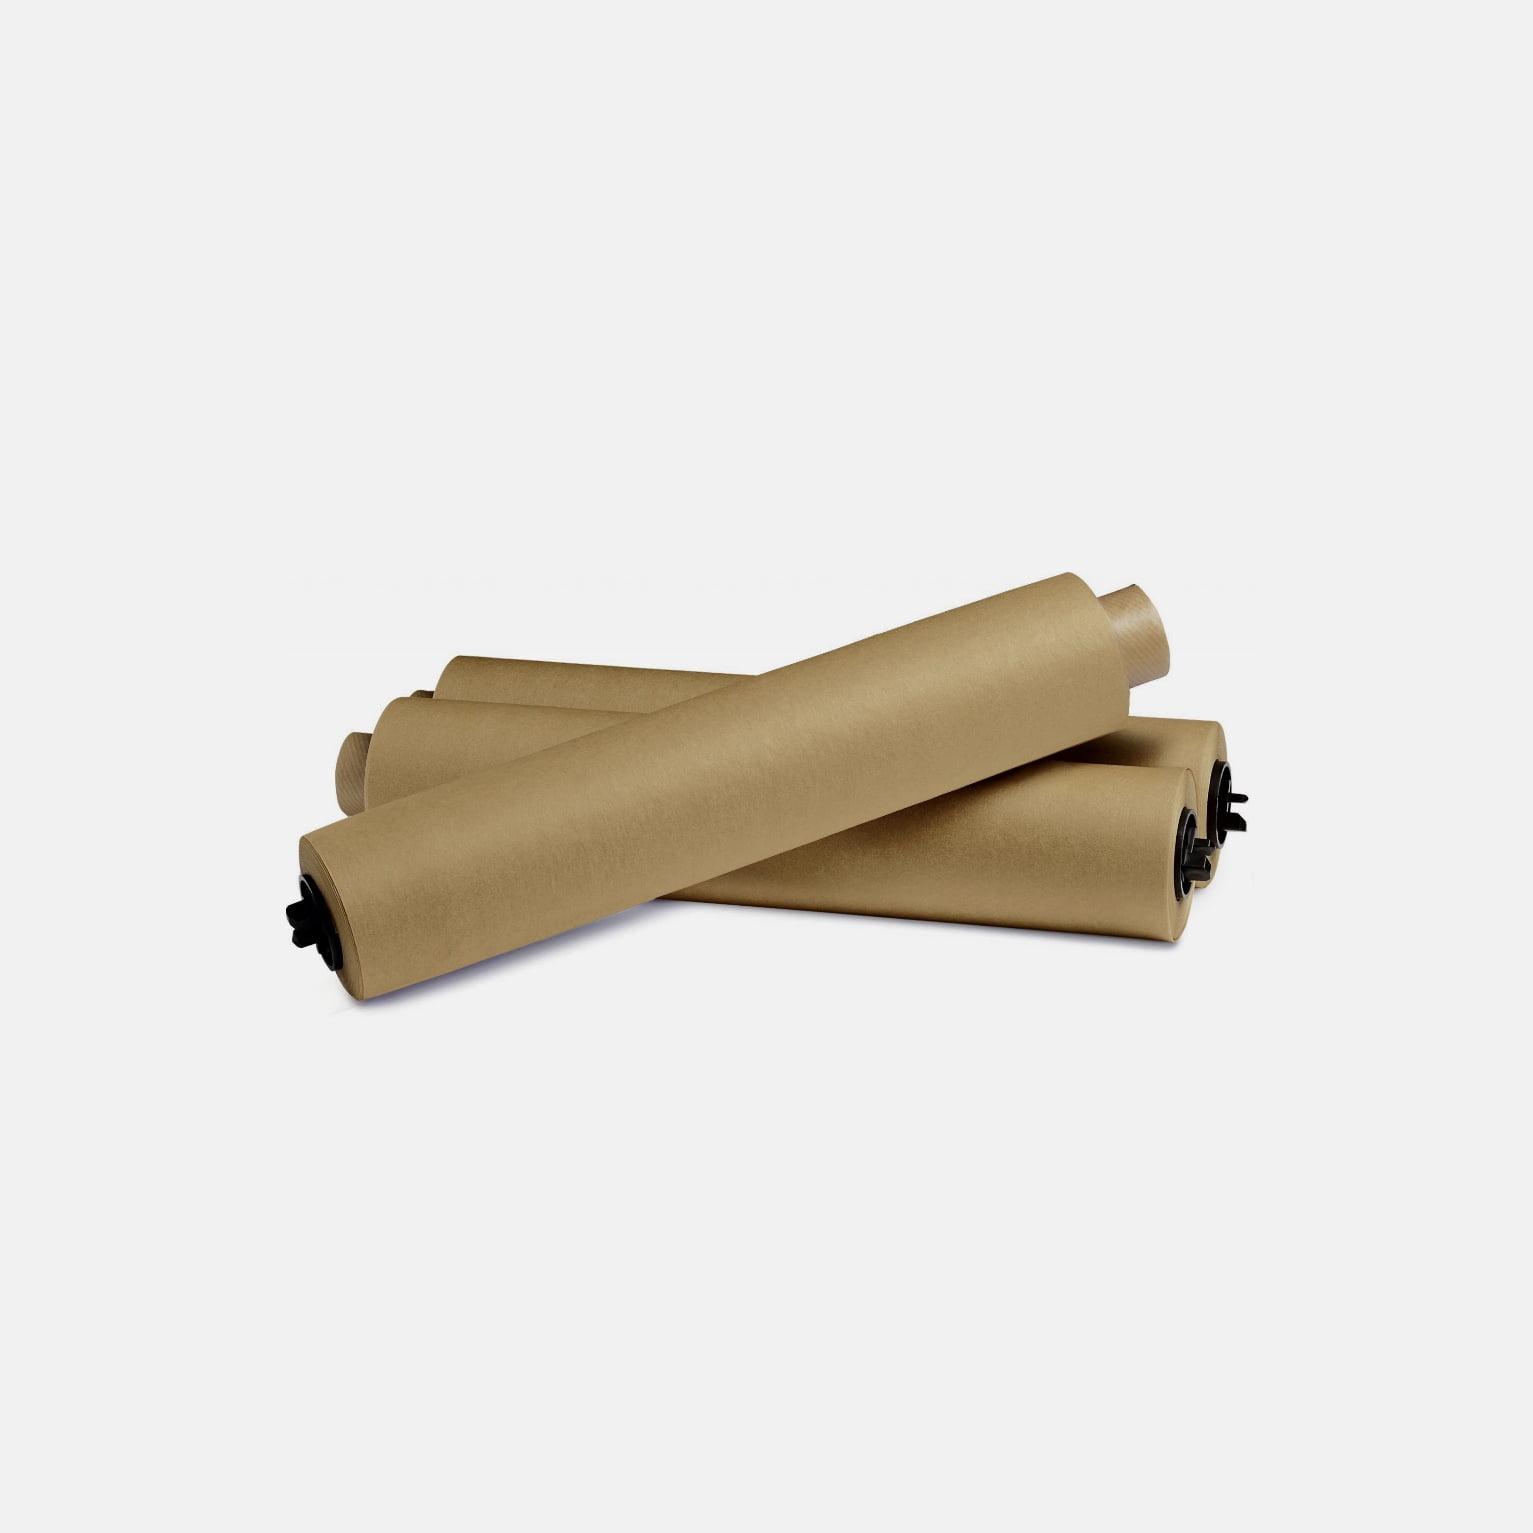 Wrapmaster Parchment